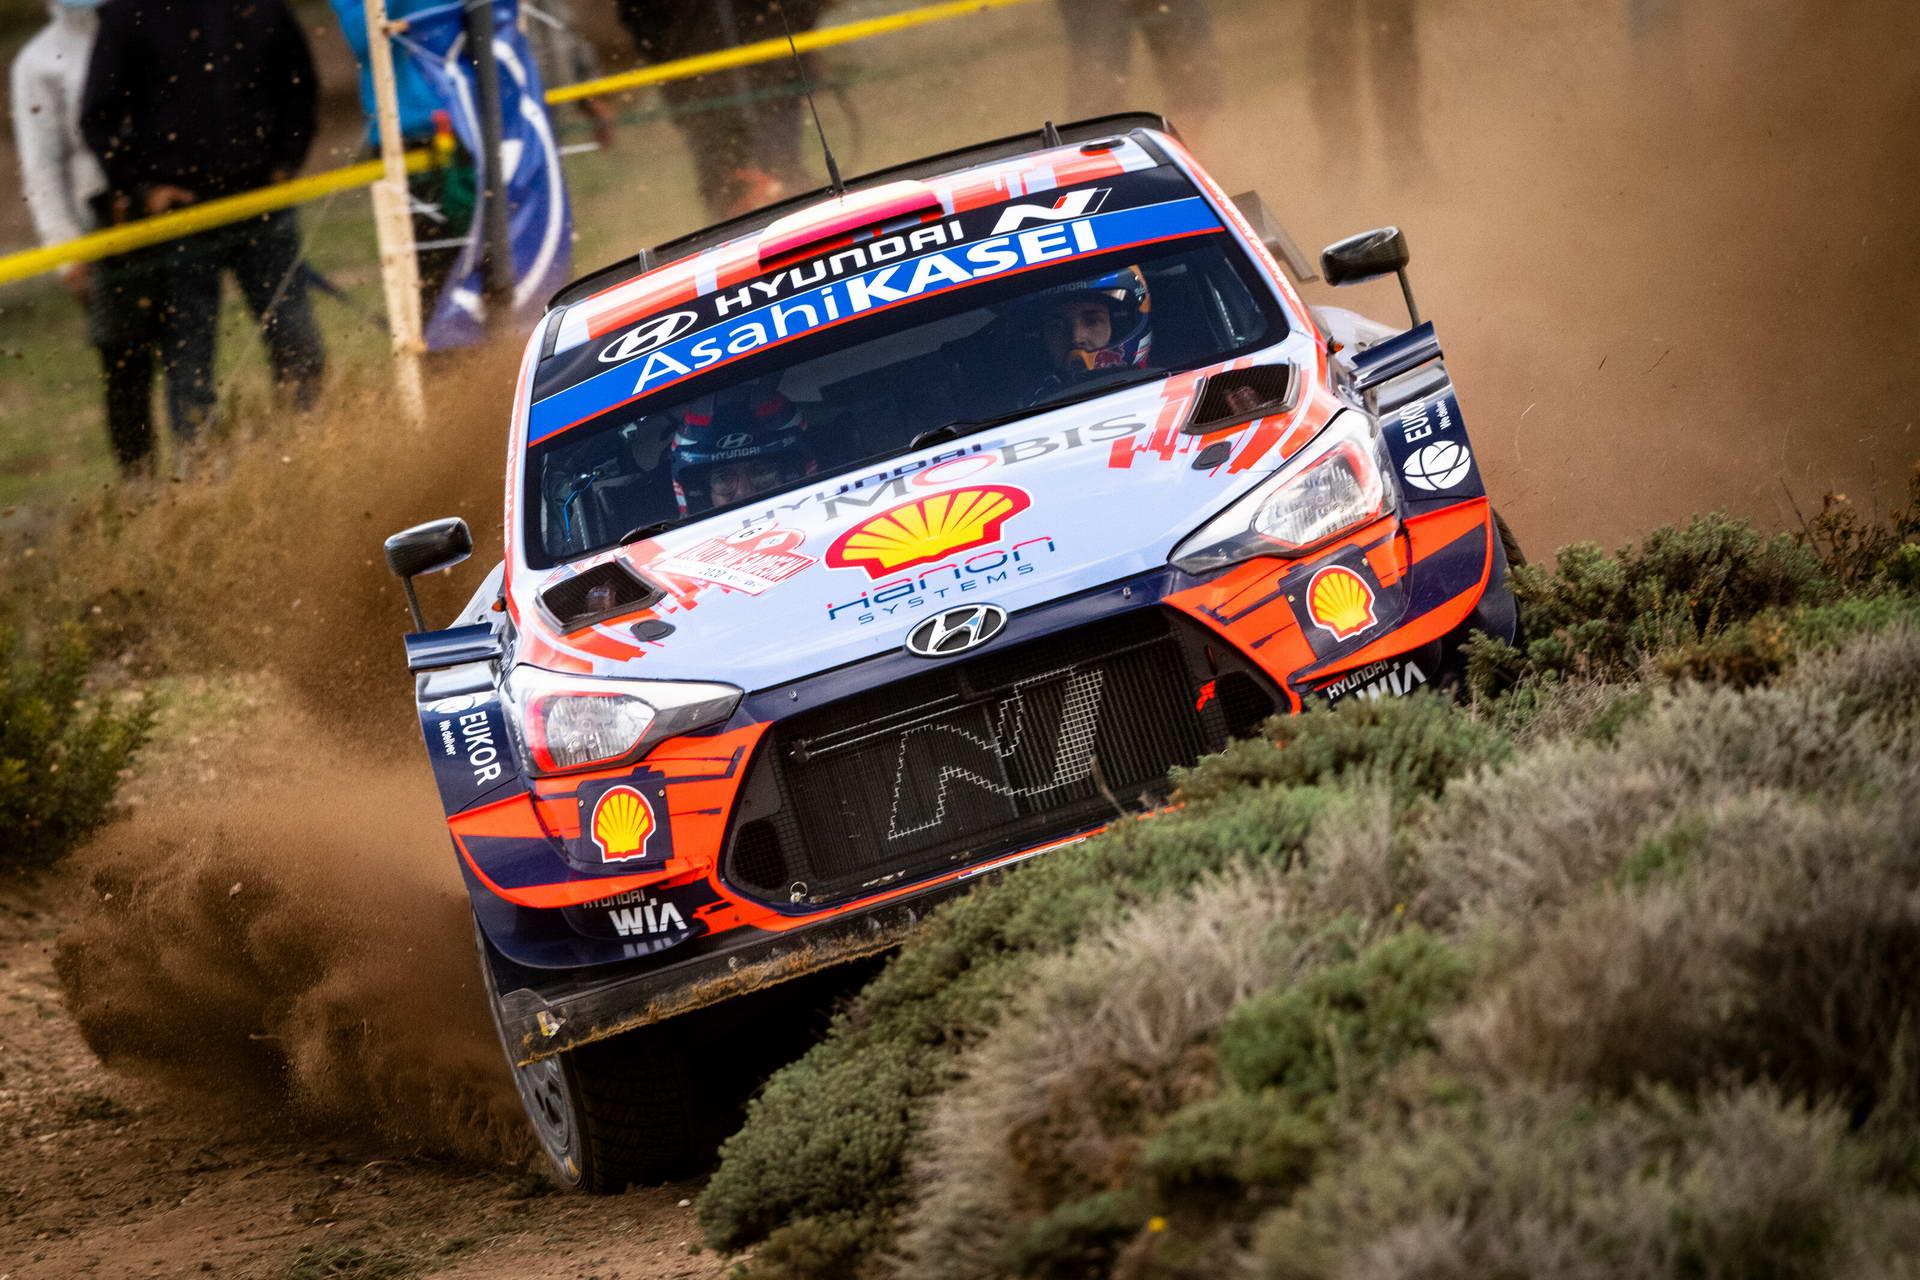 Rally Italia Sardegna 2020 Debrief